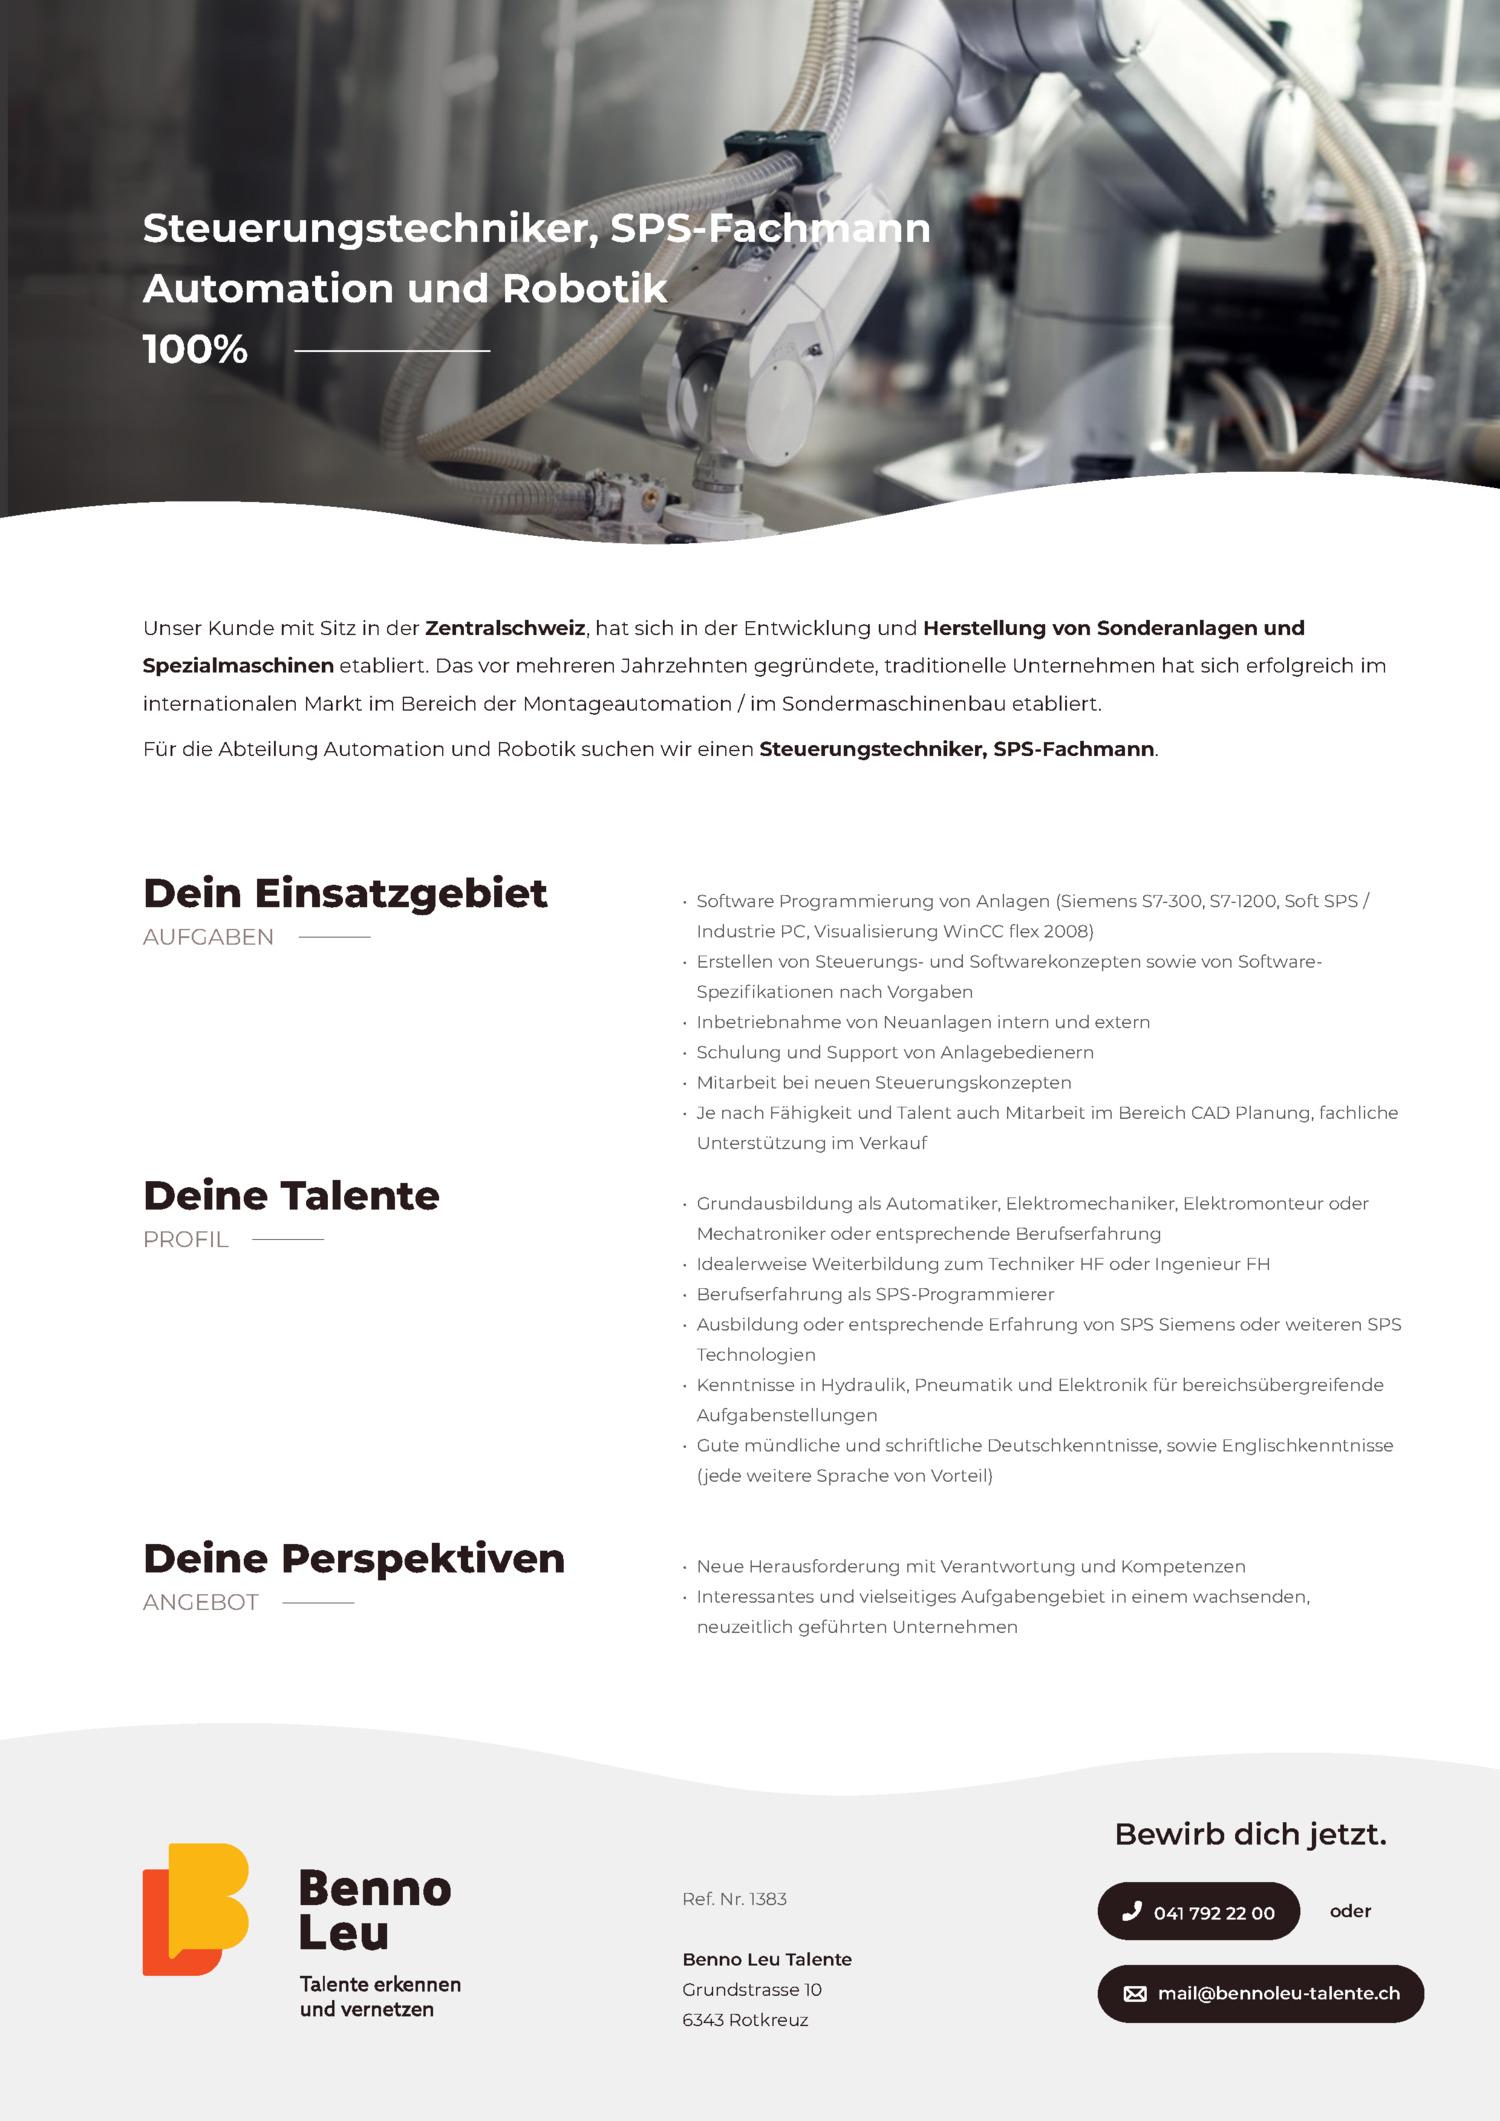 Inserat Steuerungstechniker, SPS-Fachmann - Automation und Robotik